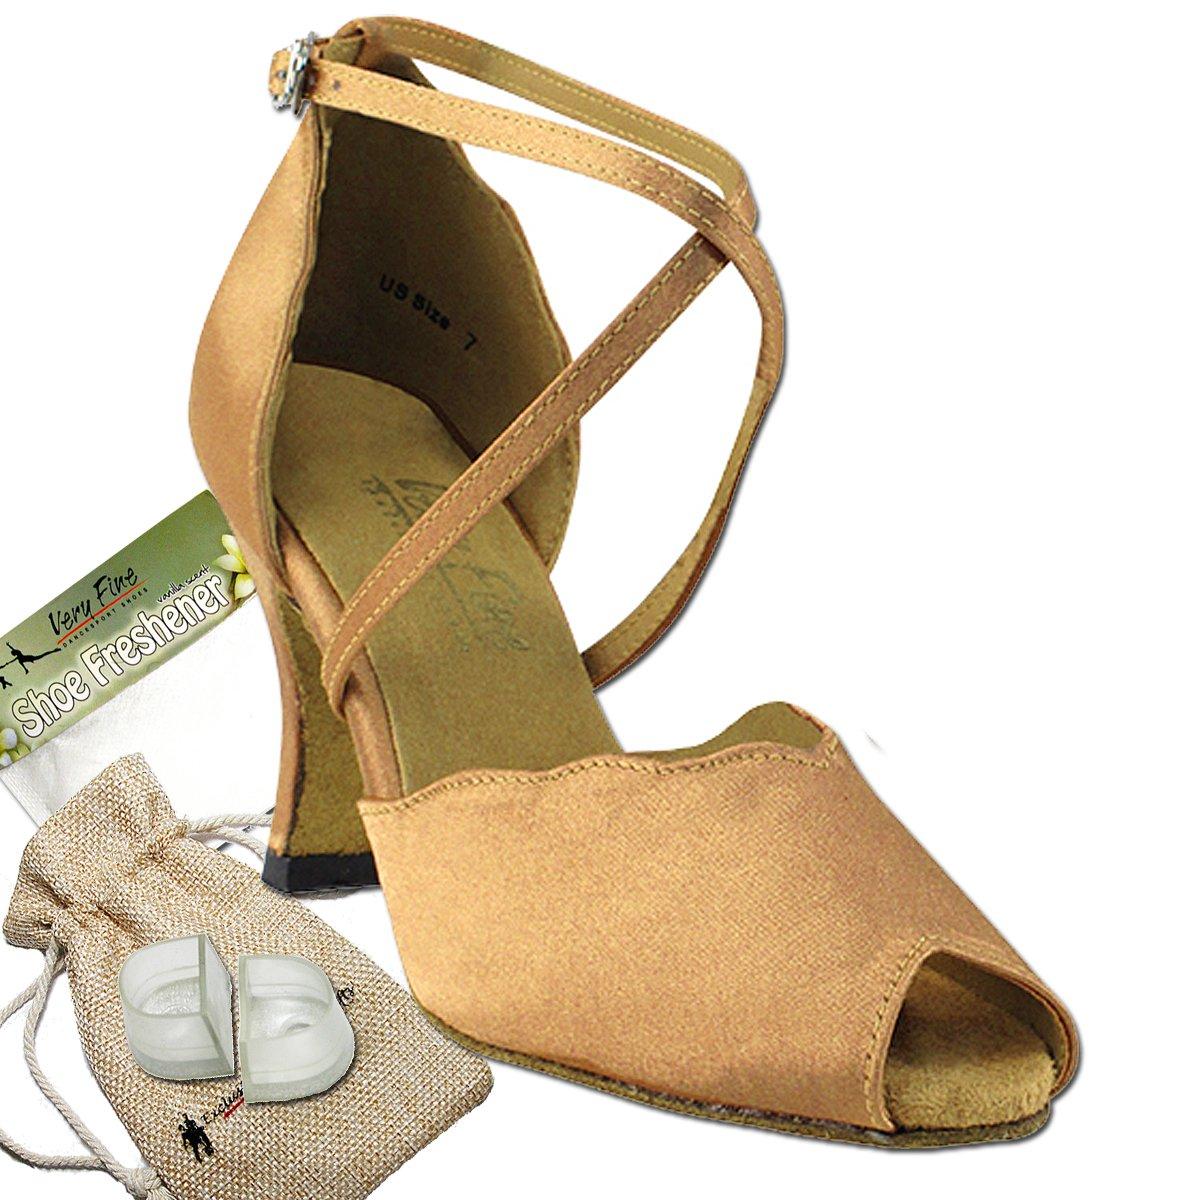 [Very Fine Dance Shoes] レディース B00912N2CQ ブラウンサテン 5 B(M) US